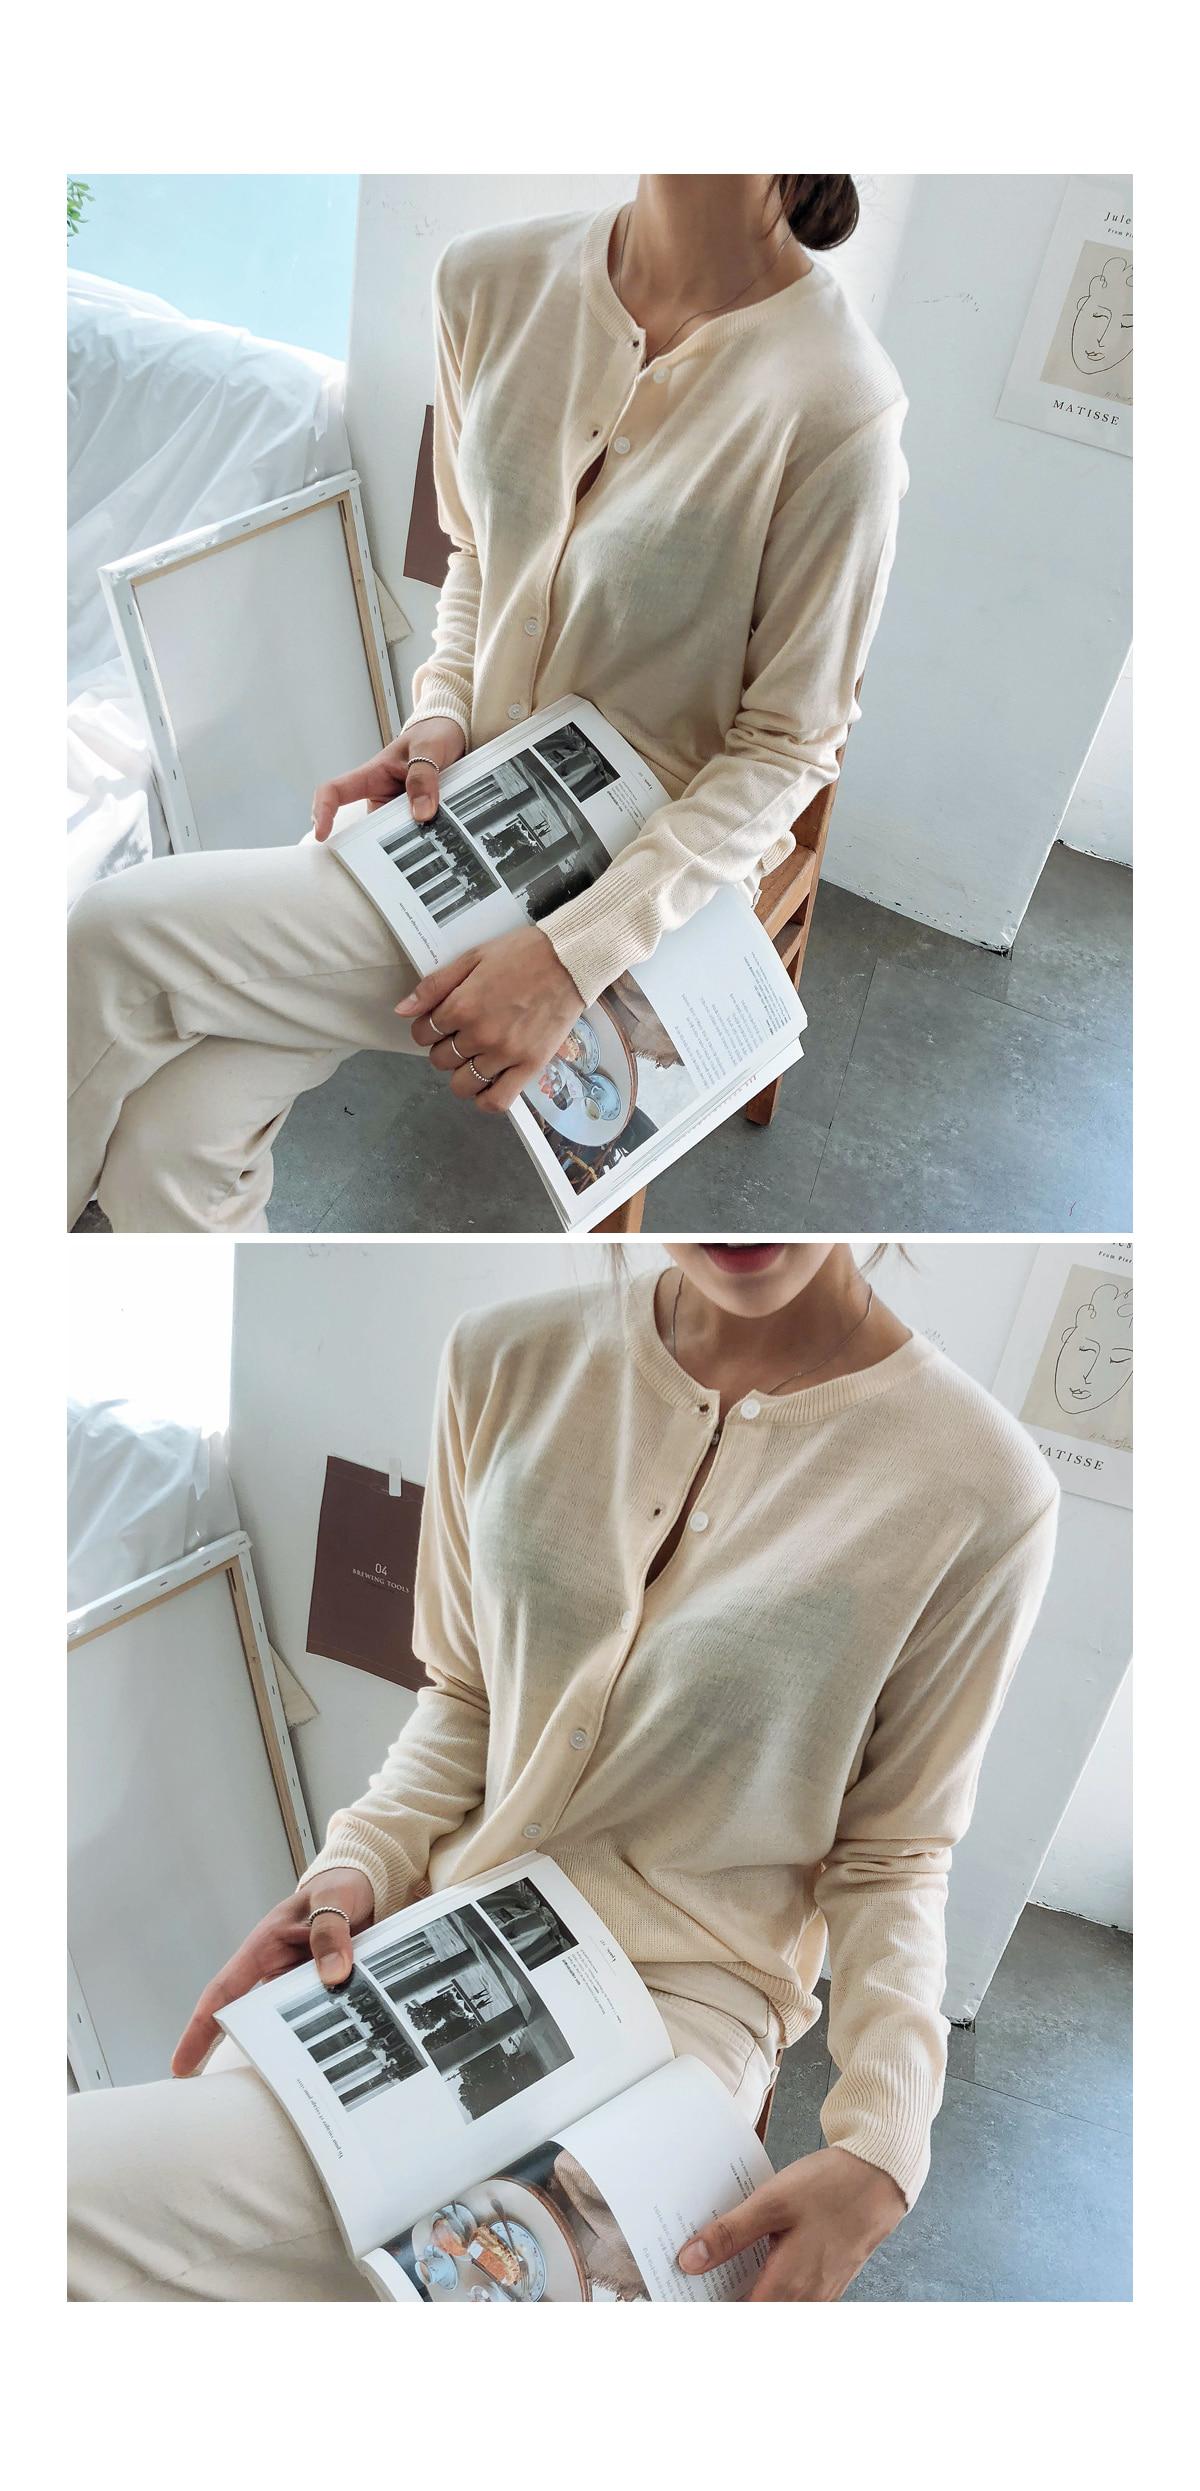 St-knit cardigan